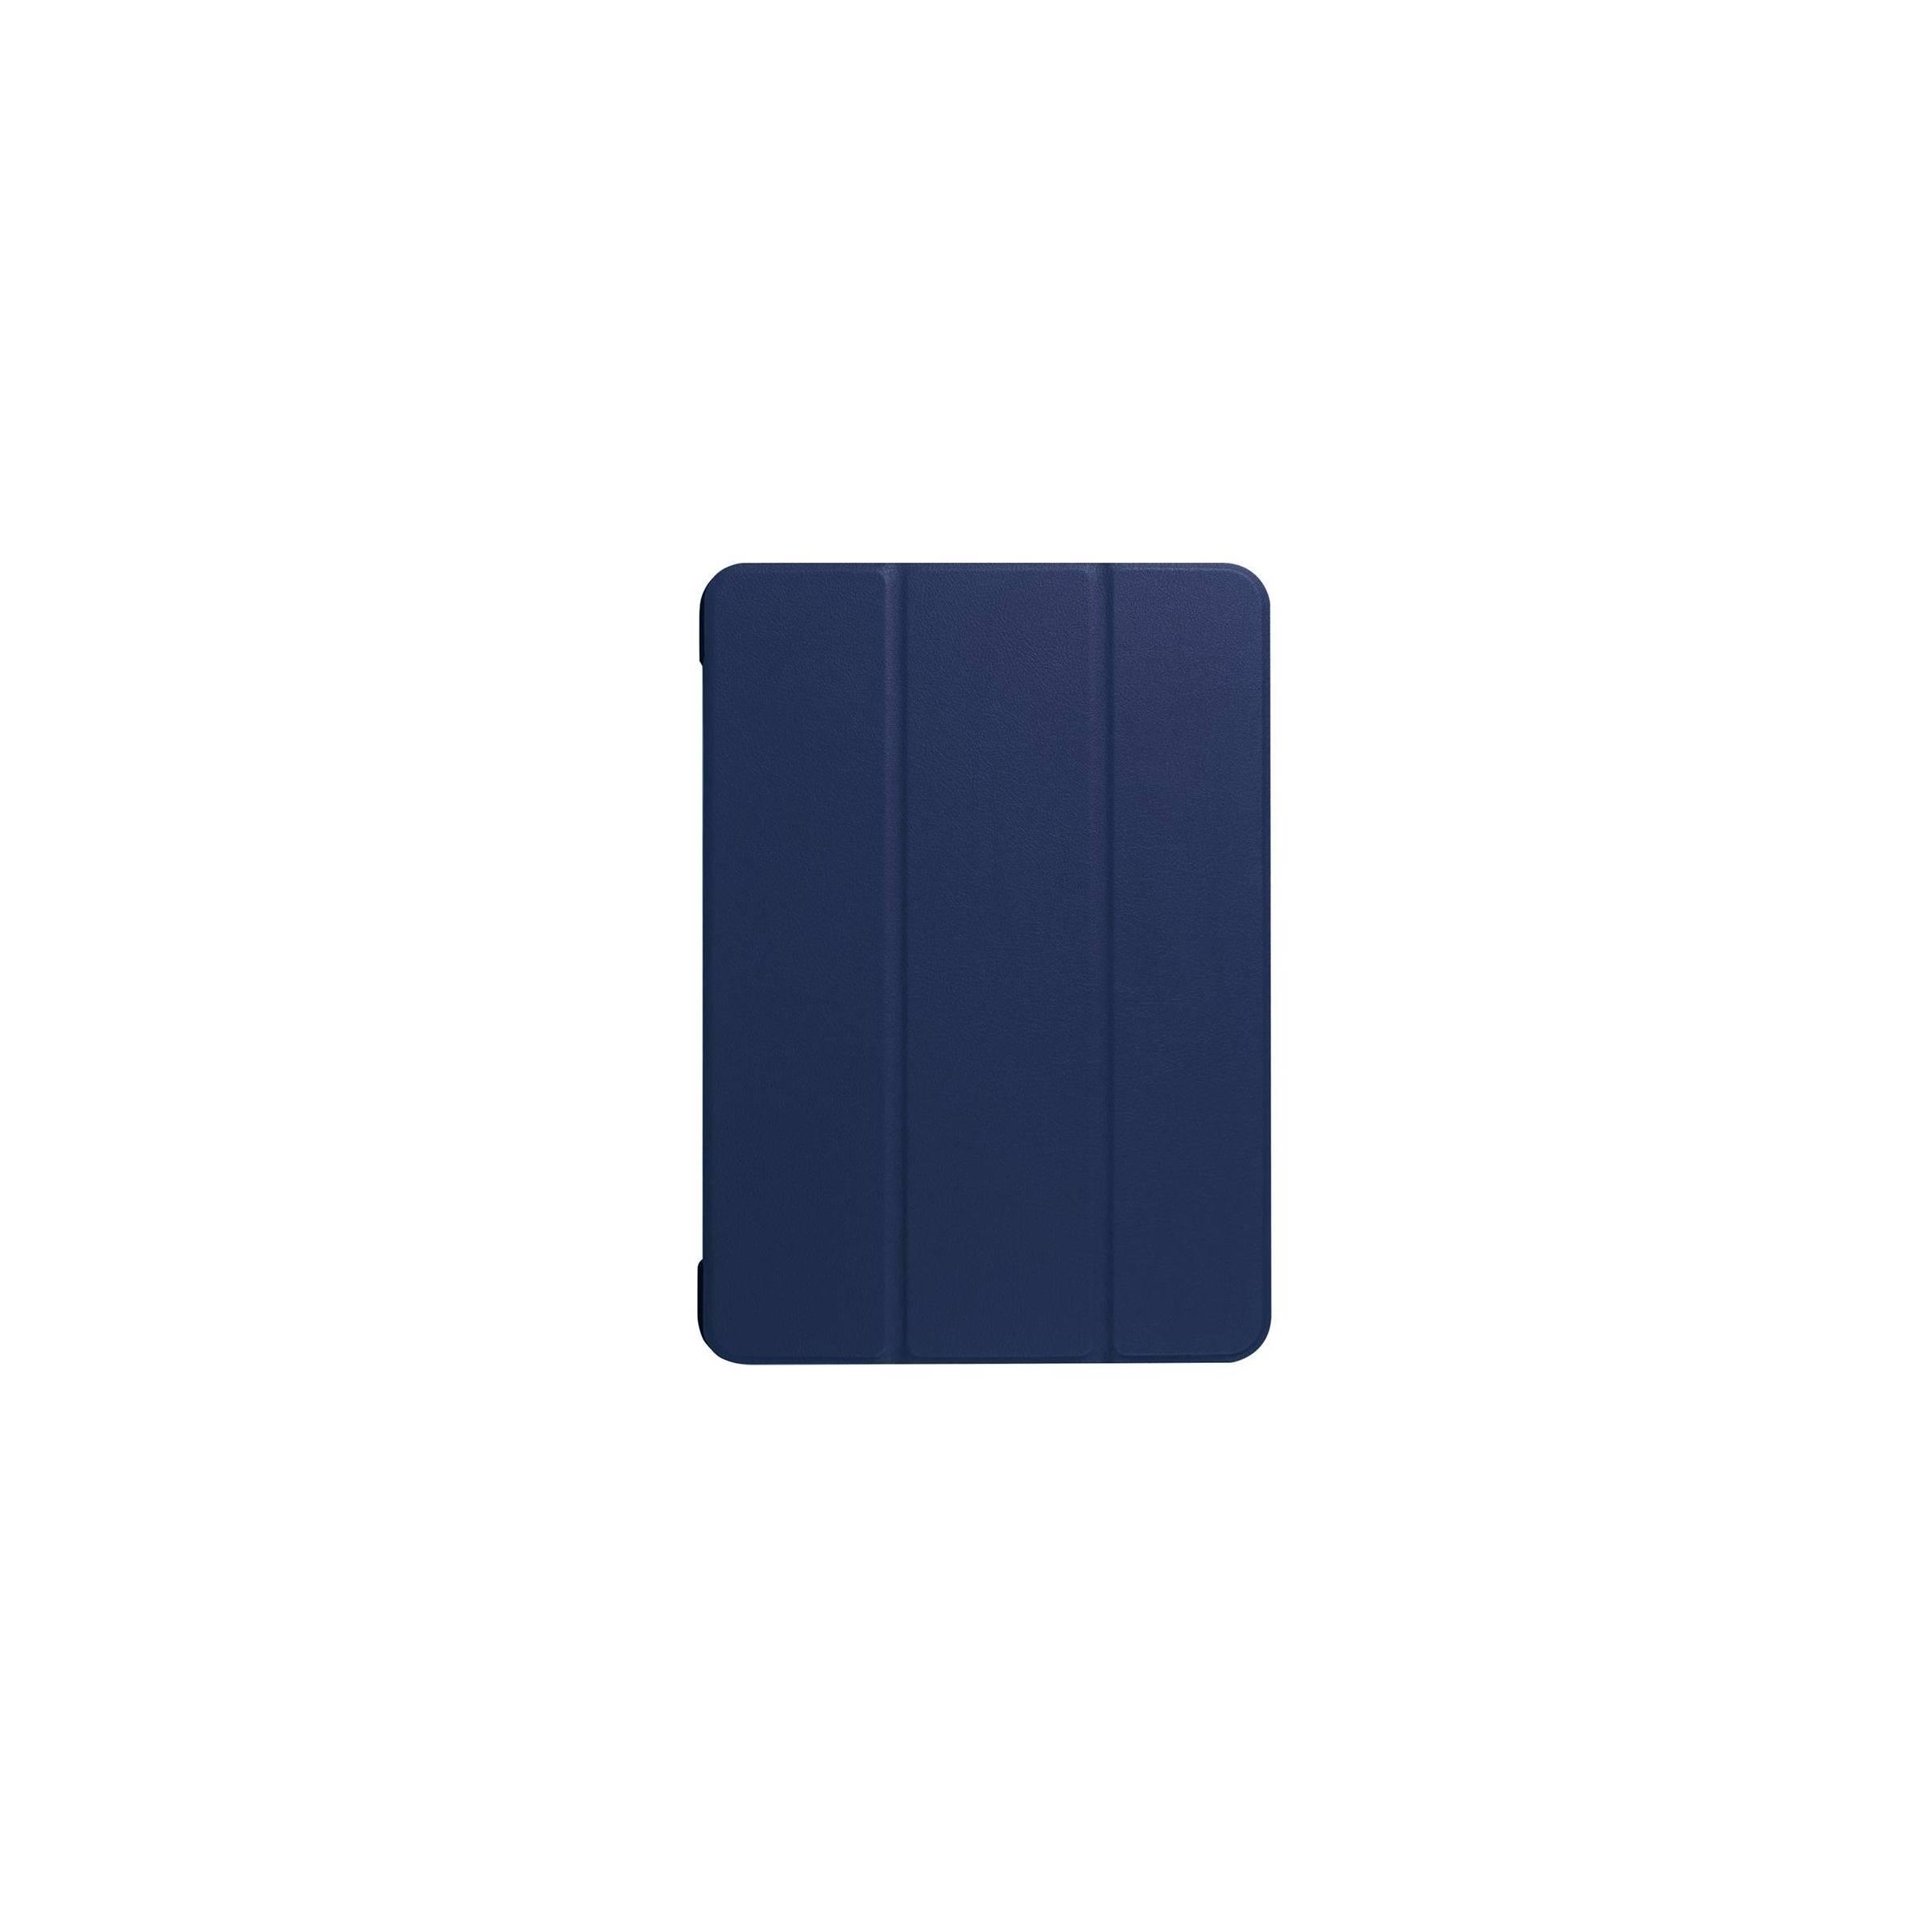 """Ipad pro 10,5""""/air 3 cover med bagside og smartcover farve blå fra kina oem fra mackabler.dk"""